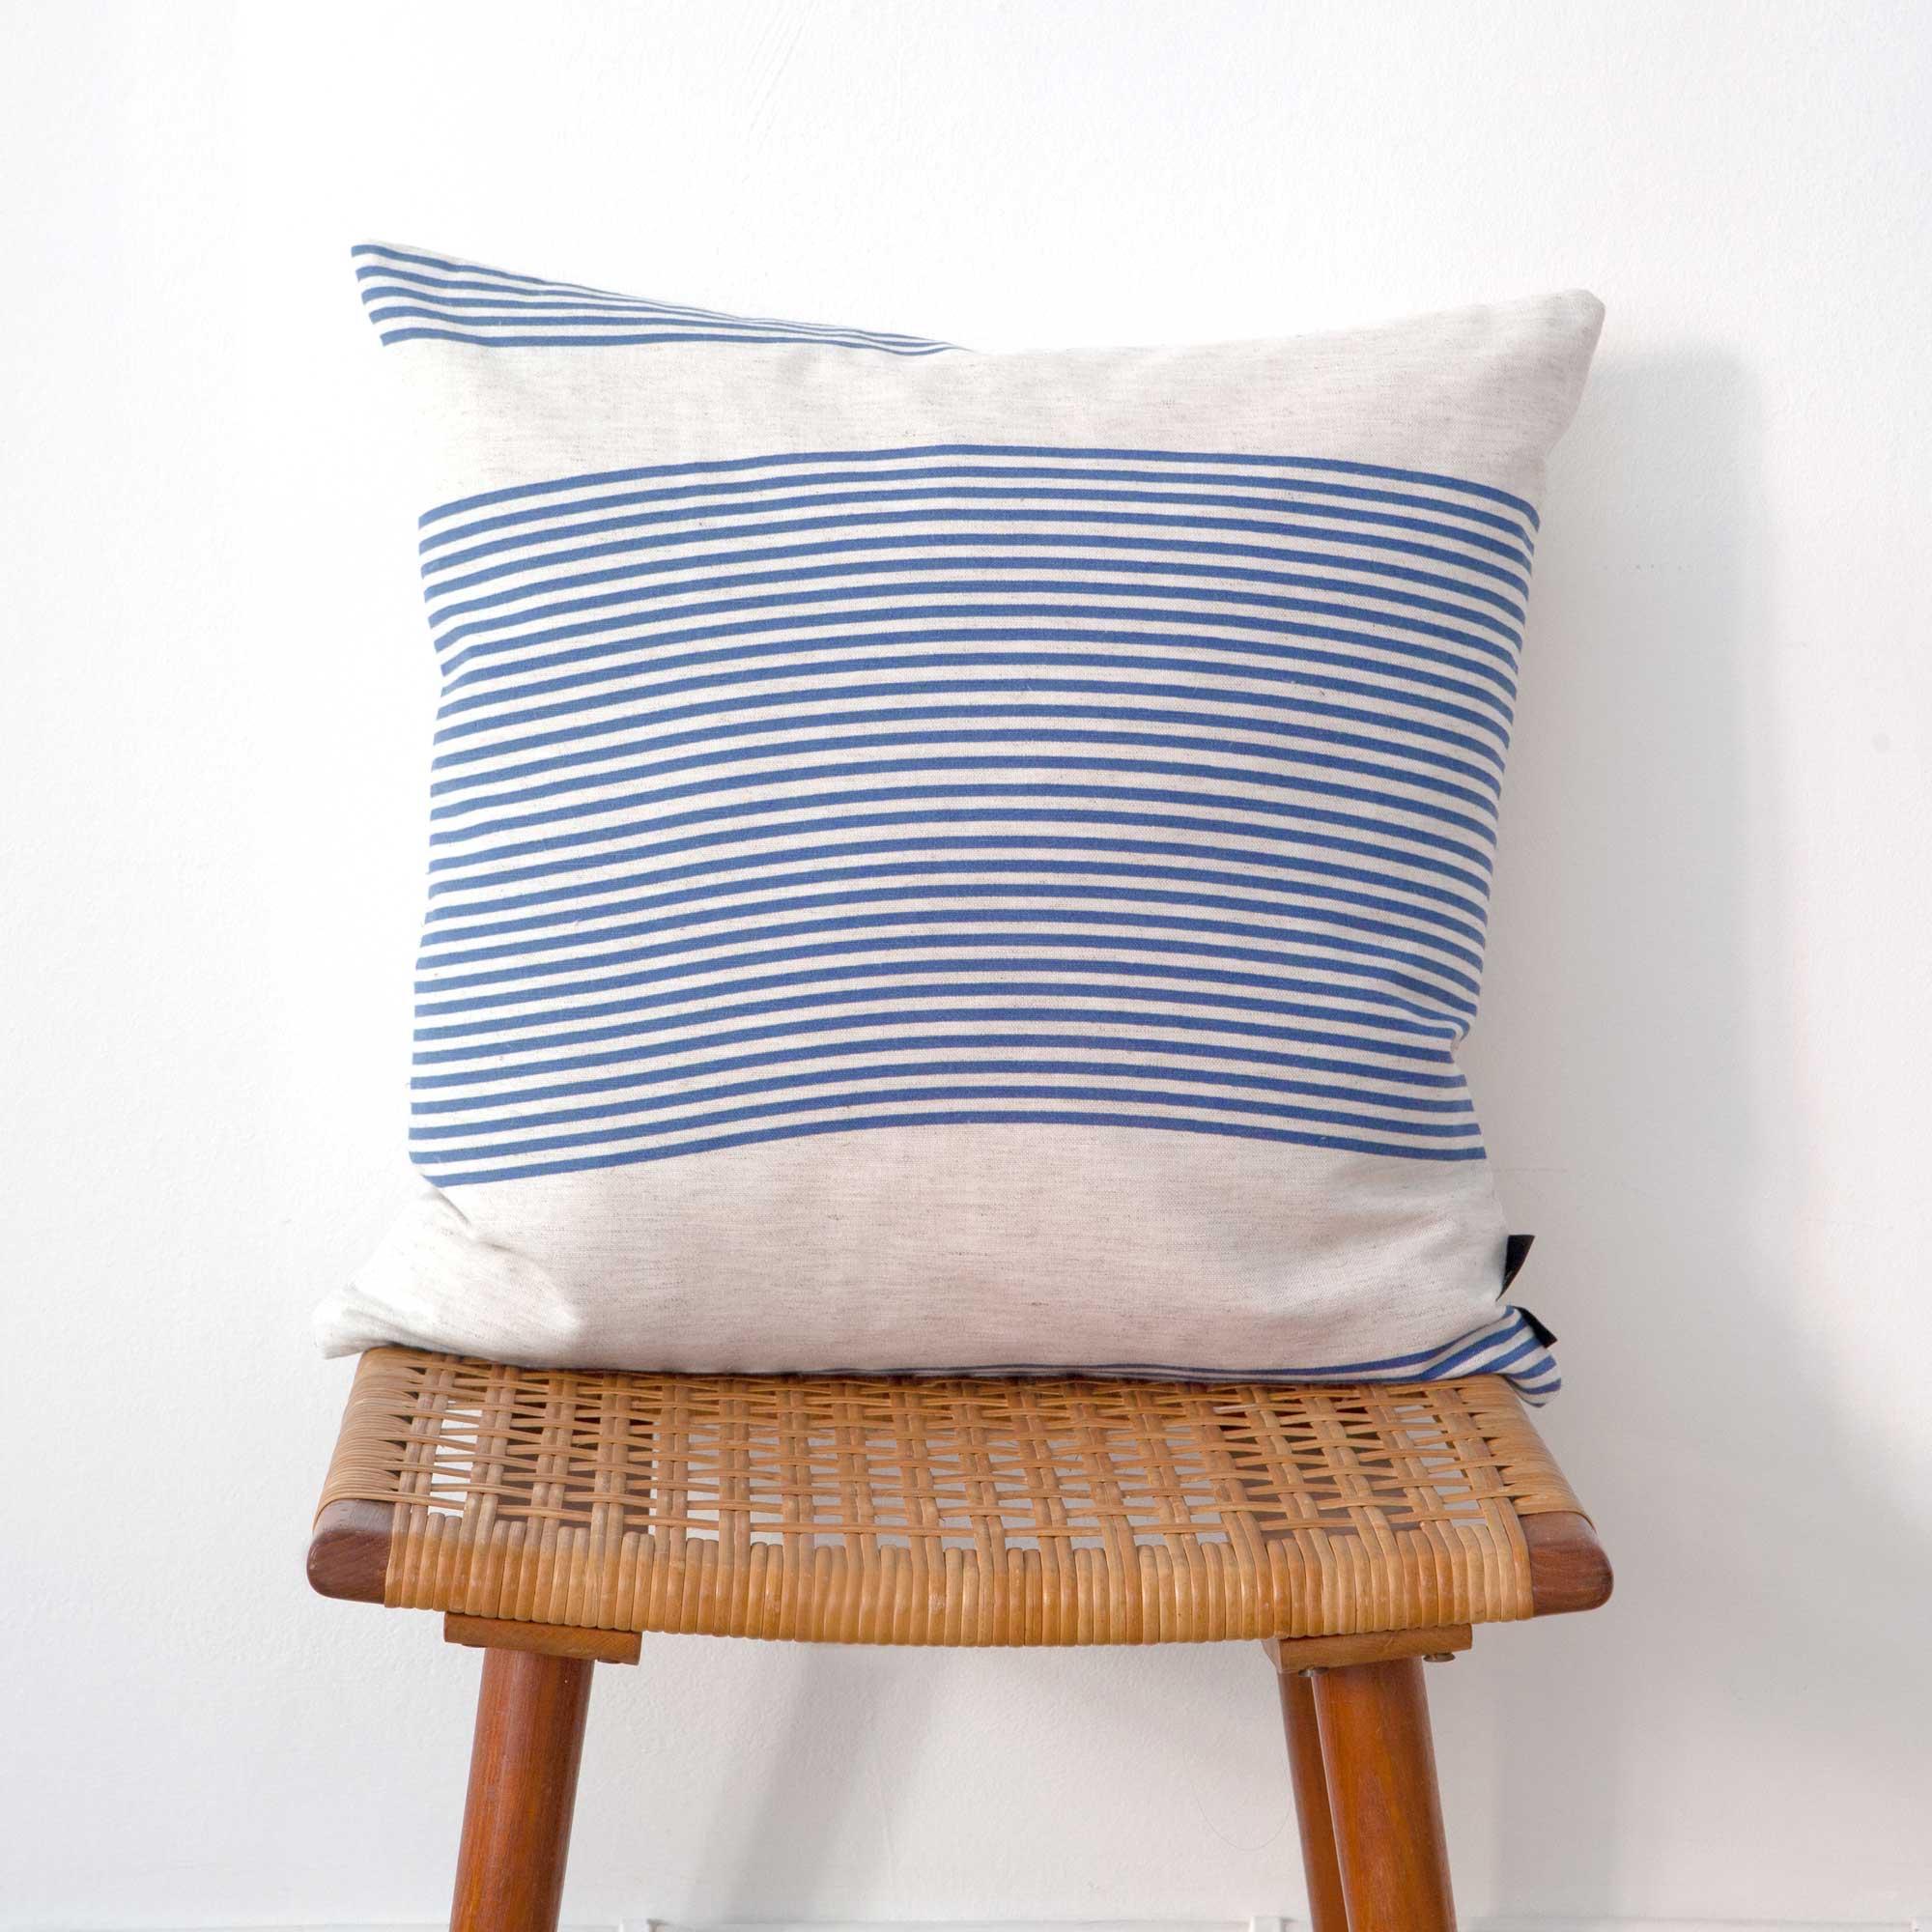 Square cushion River blue pattern design by Anne Rosenberg, RosenbergCph